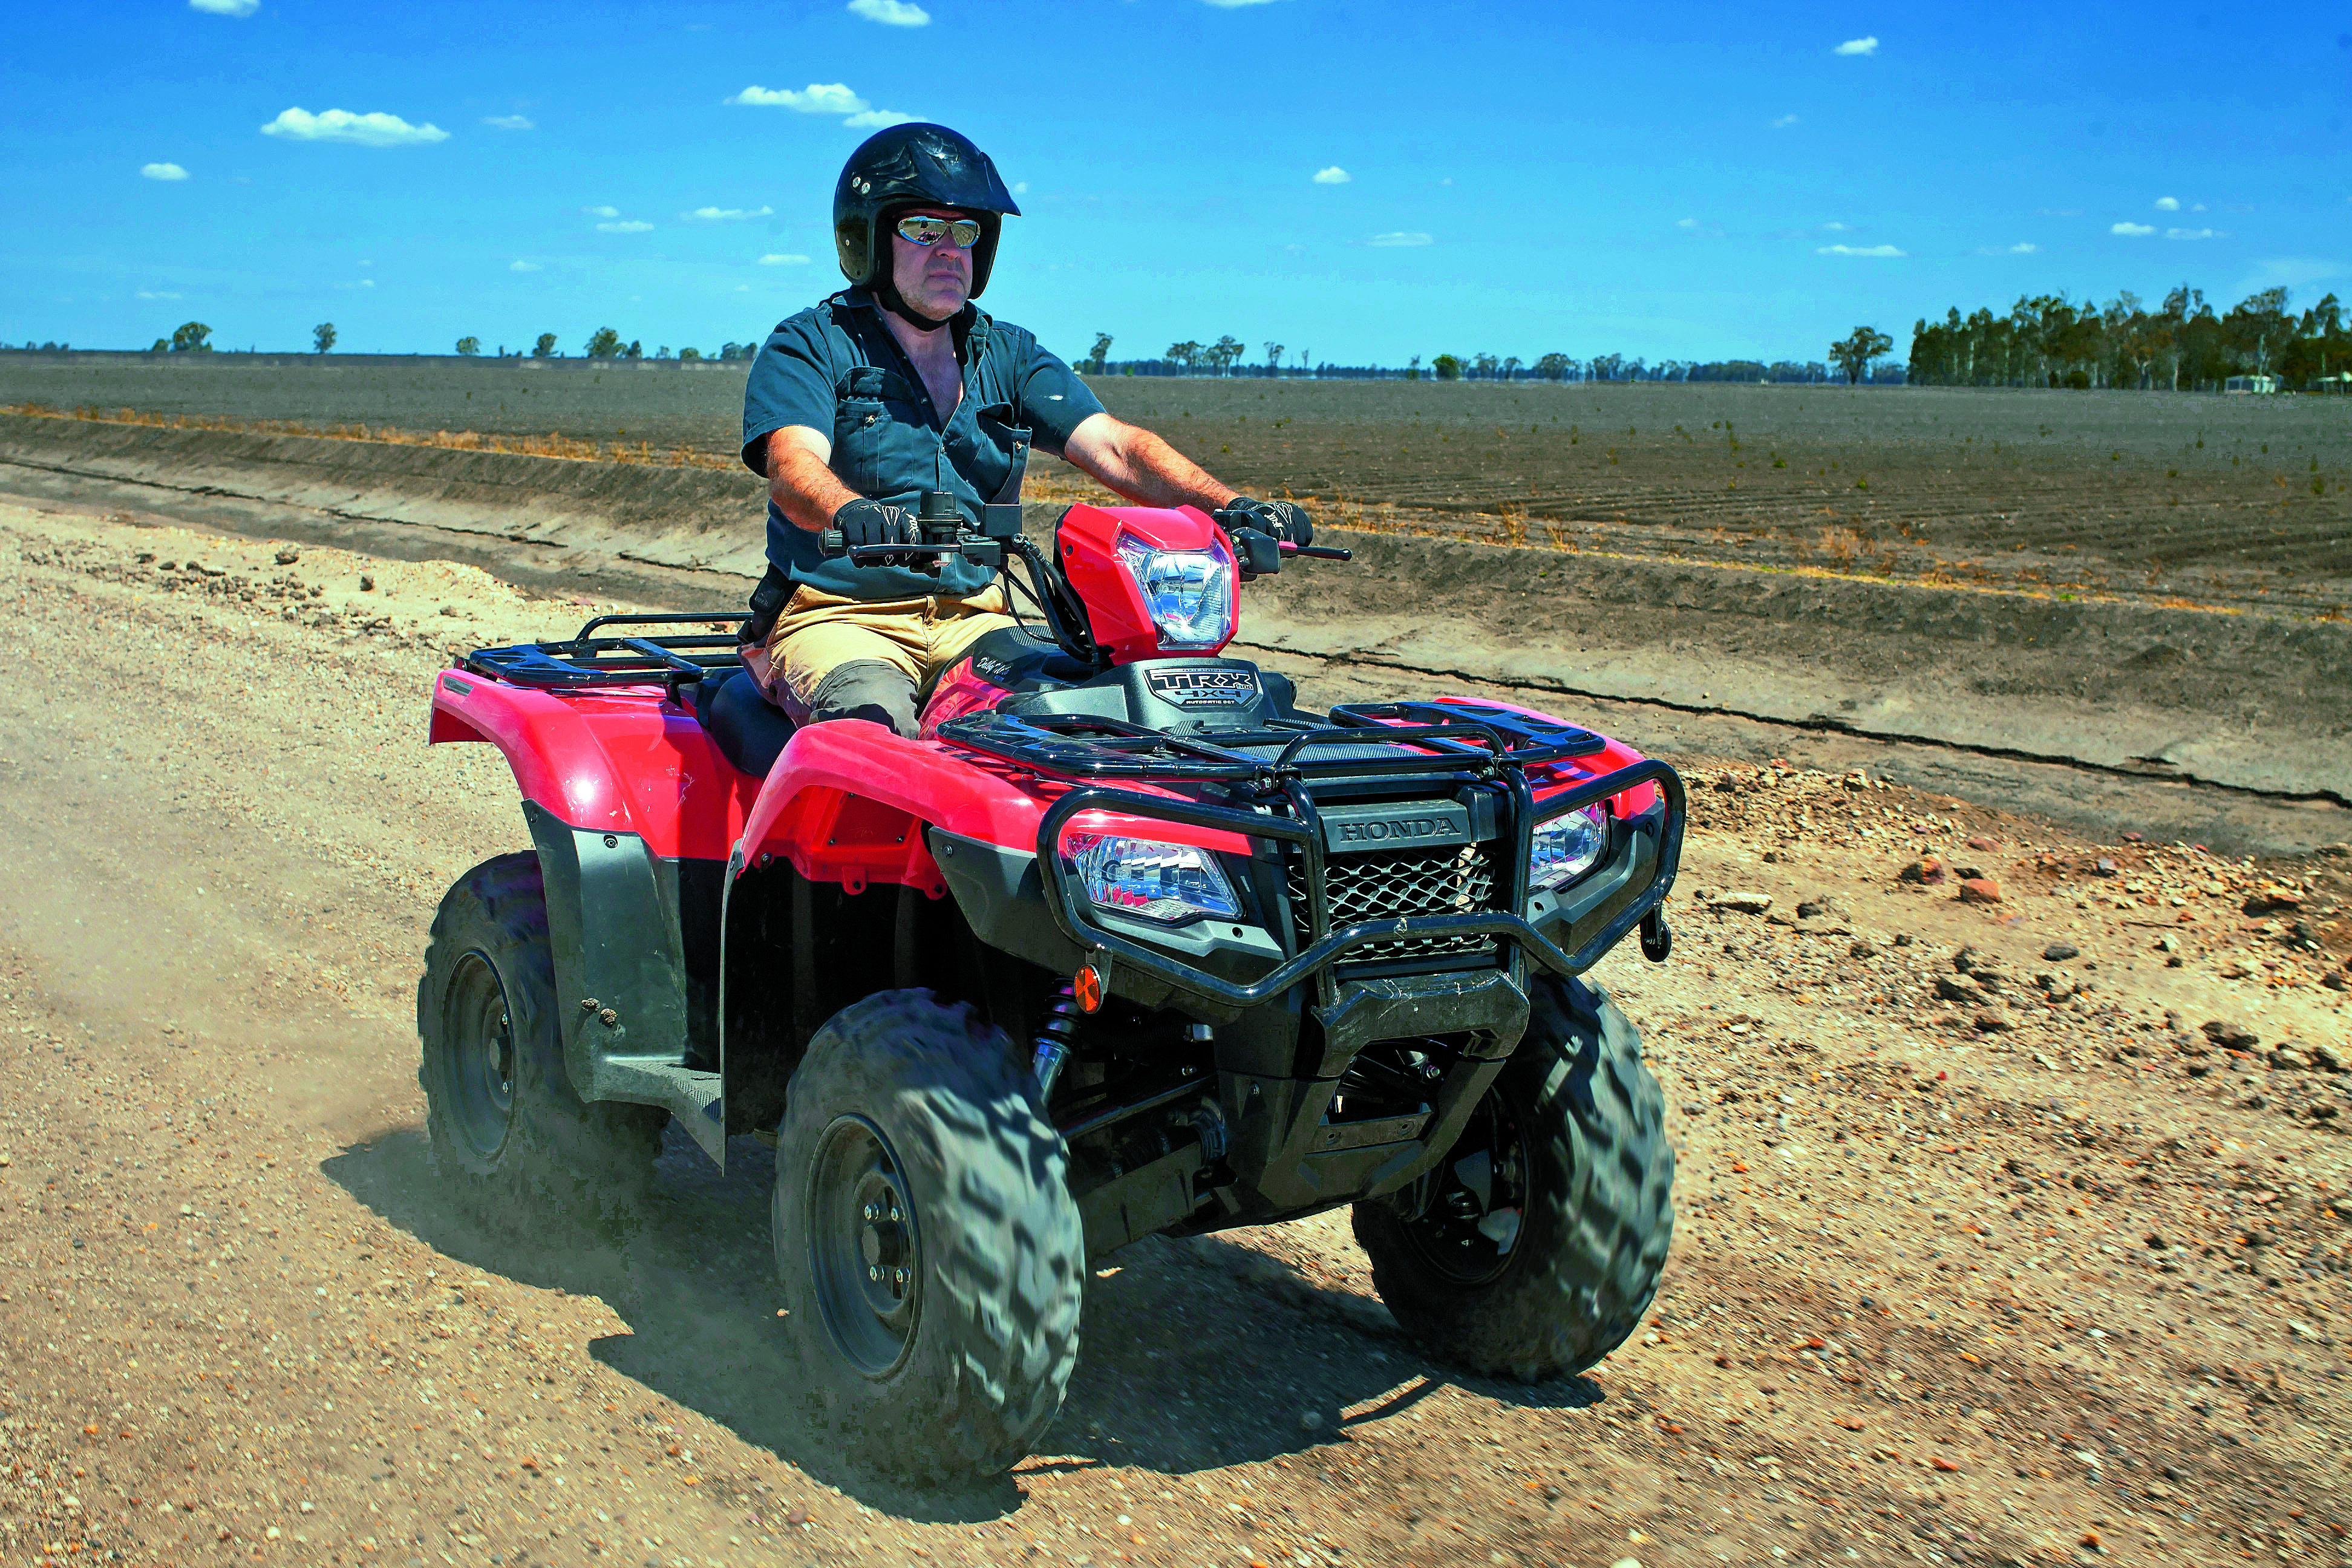 Honda TRX500 FA6 ATV